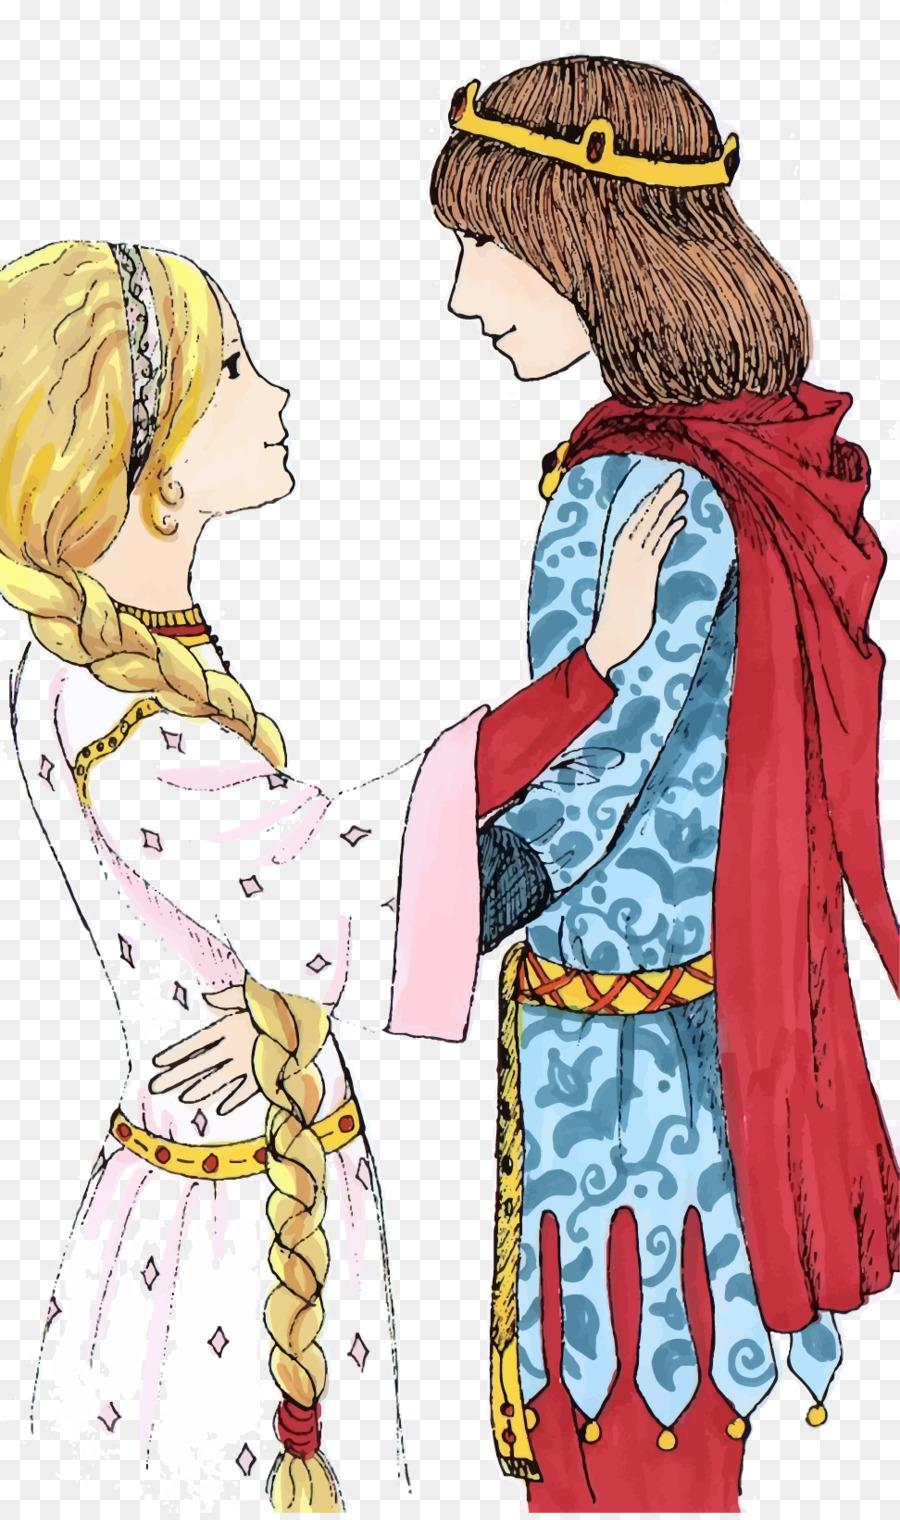 El Príncipe Rana De La Princesa Rapunzel - Vector Príncipe y la ...